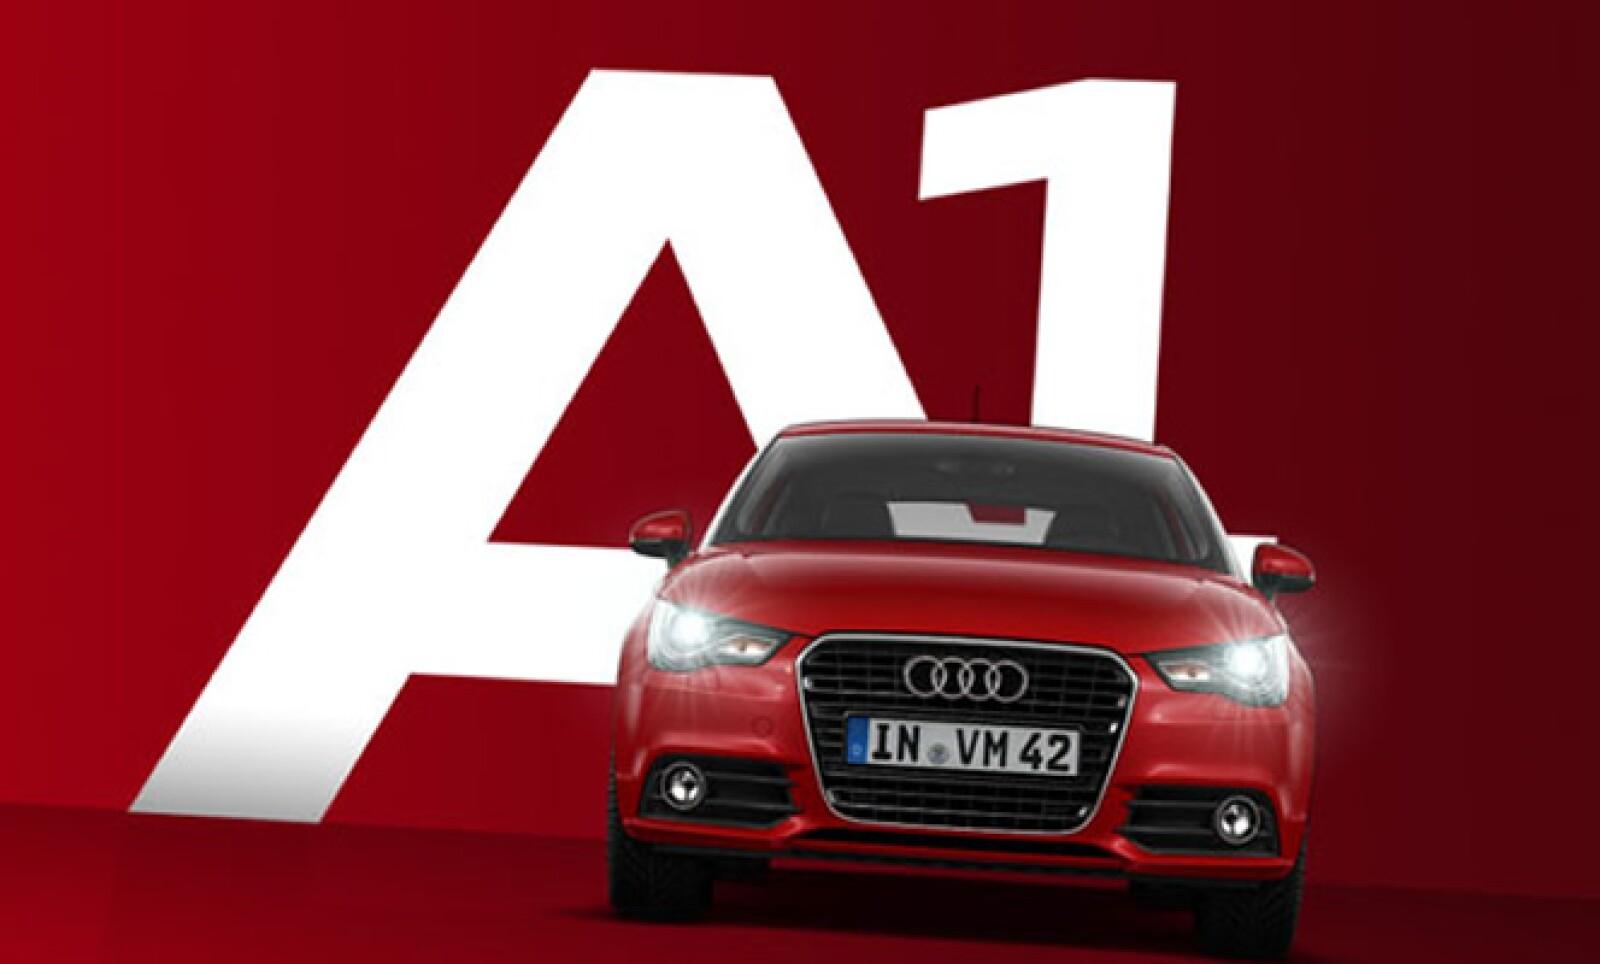 Otro Audi, el A1, fue el quinto más vendido, con 1,824.